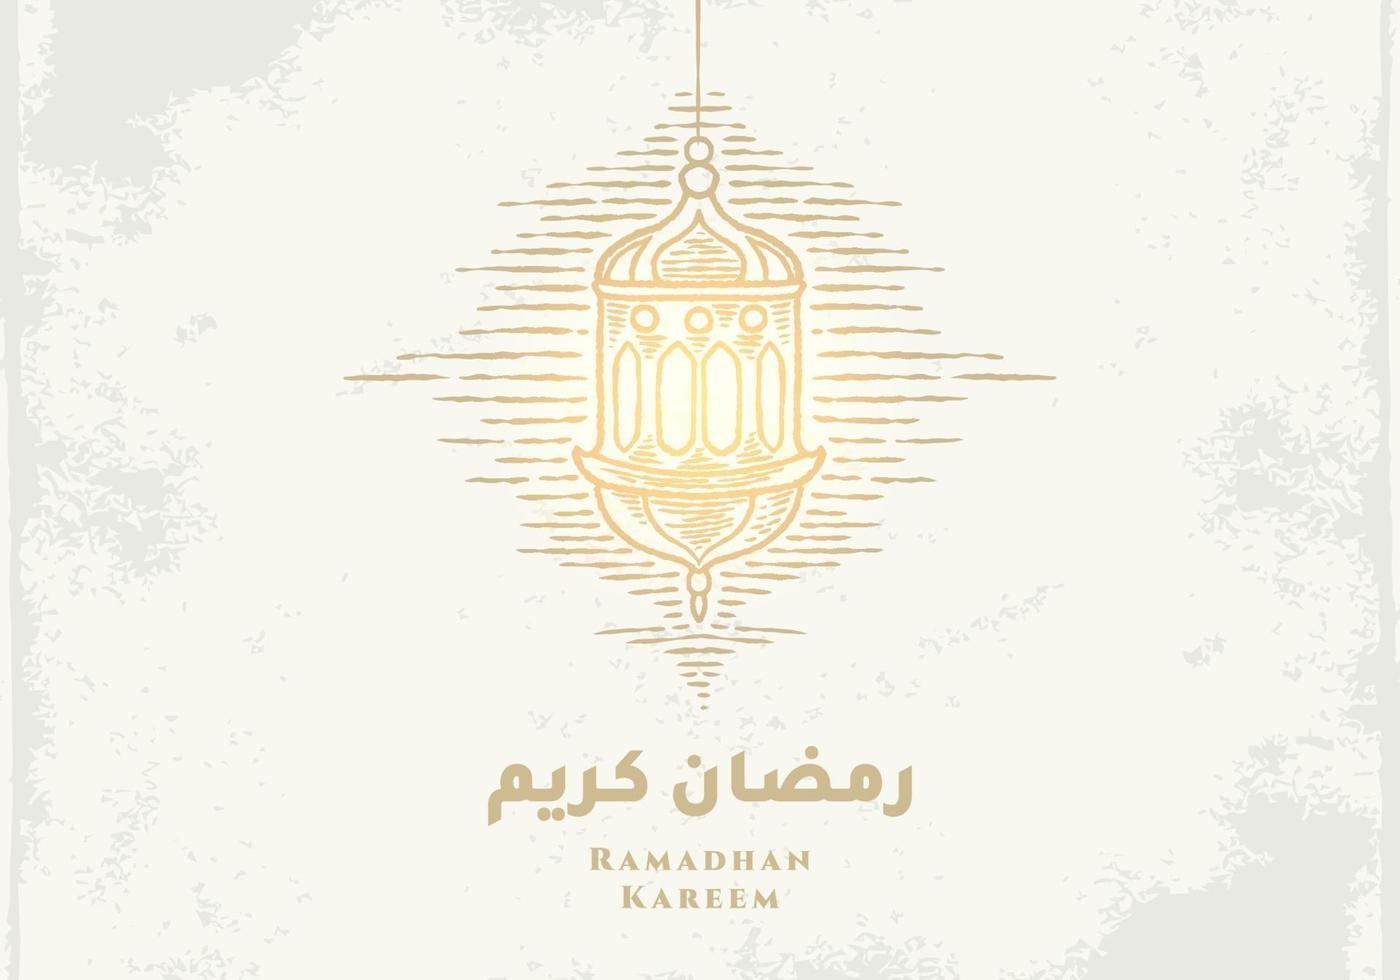 ramadan kareem gratulationskort med gyllene lykta skiss vektor